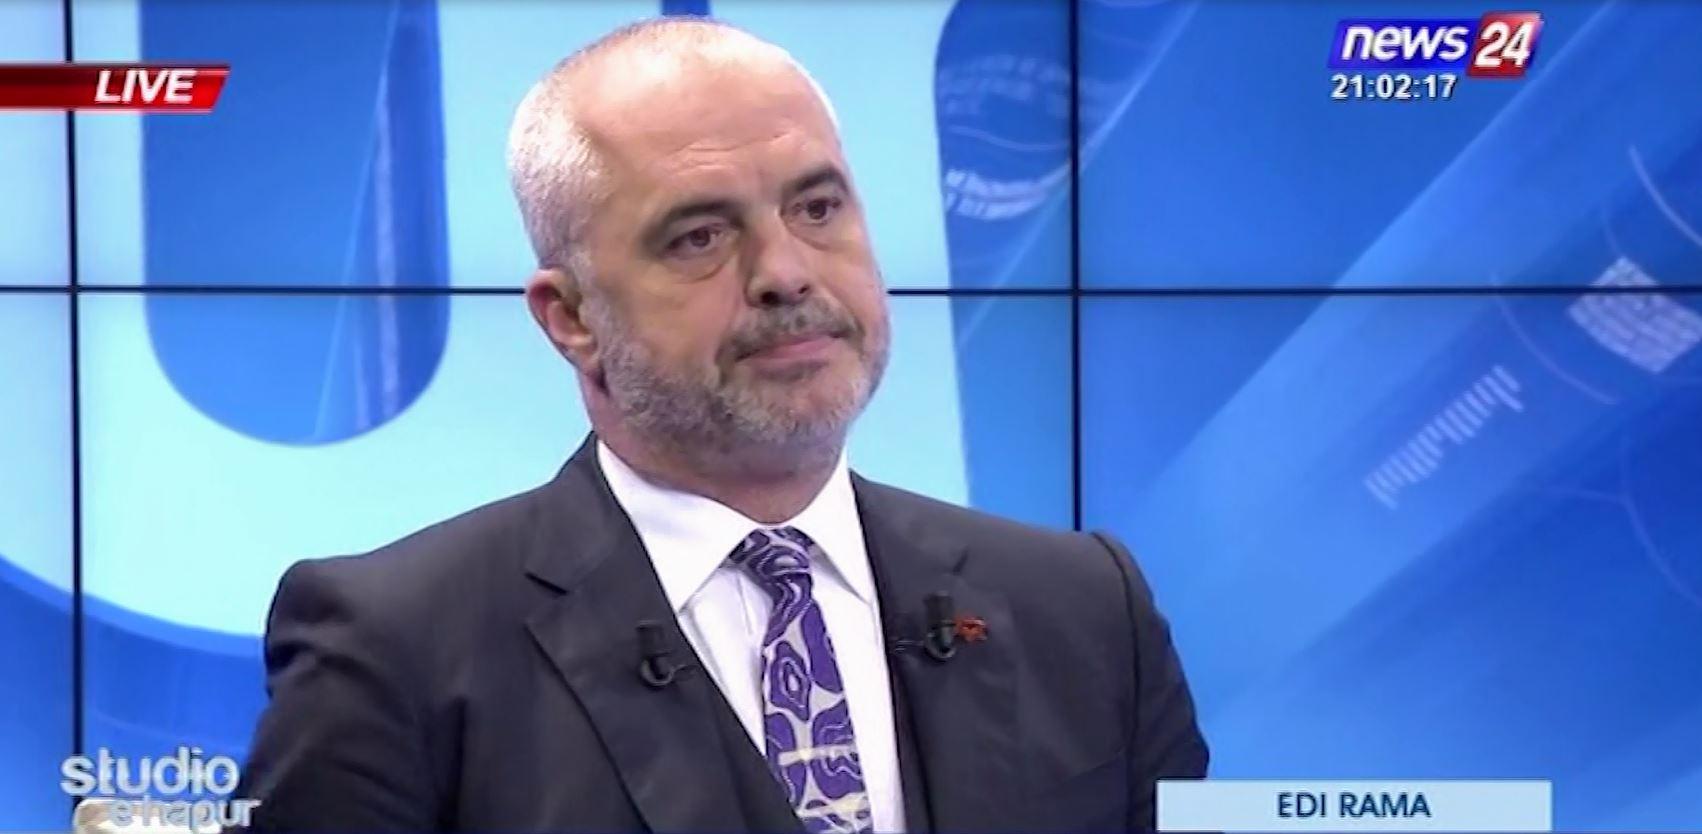 Dyshimet për financimin rus/Rama: Krim financiar